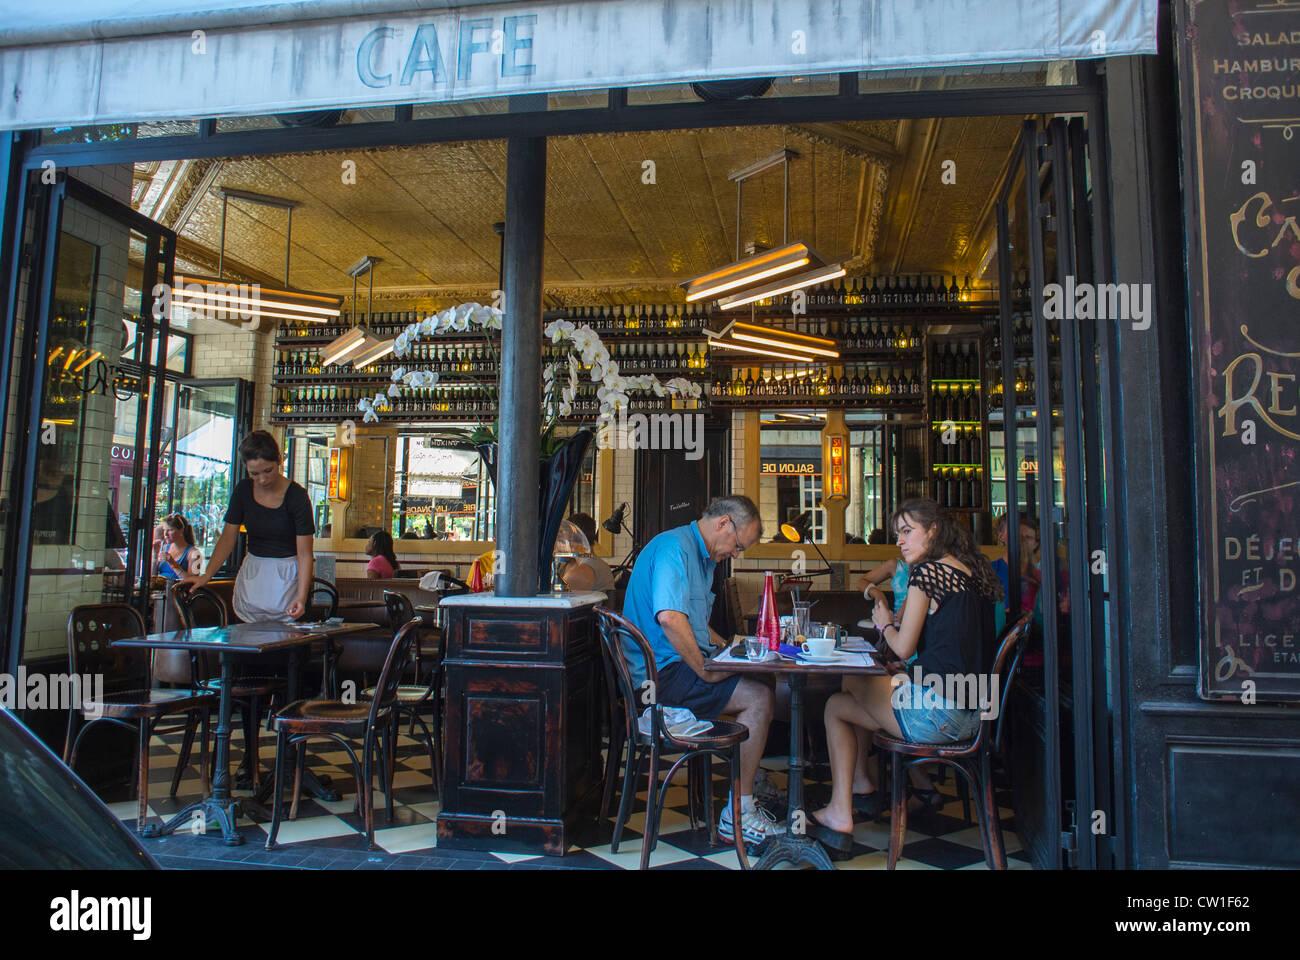 Holiday Cafe Paris